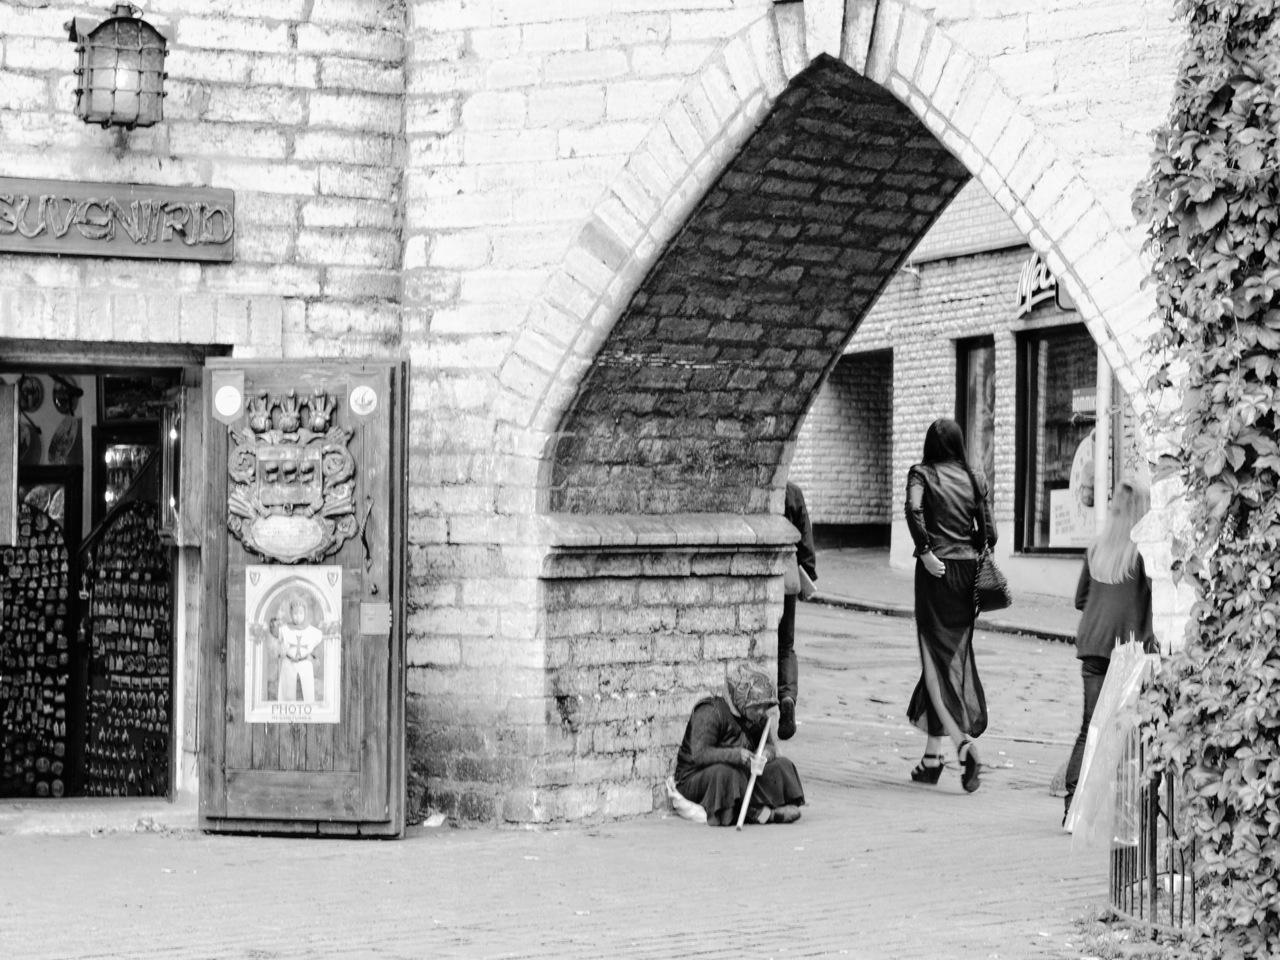 Bild: Dieses Foto zeigt den Generationenkonflikt im Tallinn unserer Tage. Arme Rentnerin und junge Frau am Vana Viru Tor. NIKON D700 mit AF-S NIKKOR 24-120 mm 1:4G ED VR. ISO 40 ¦ f/5,6 ¦ 65 mm ¦ 1/60 s ¦ kein Blitz. Klicken Sie auf das Bild um es zu vergrößern.